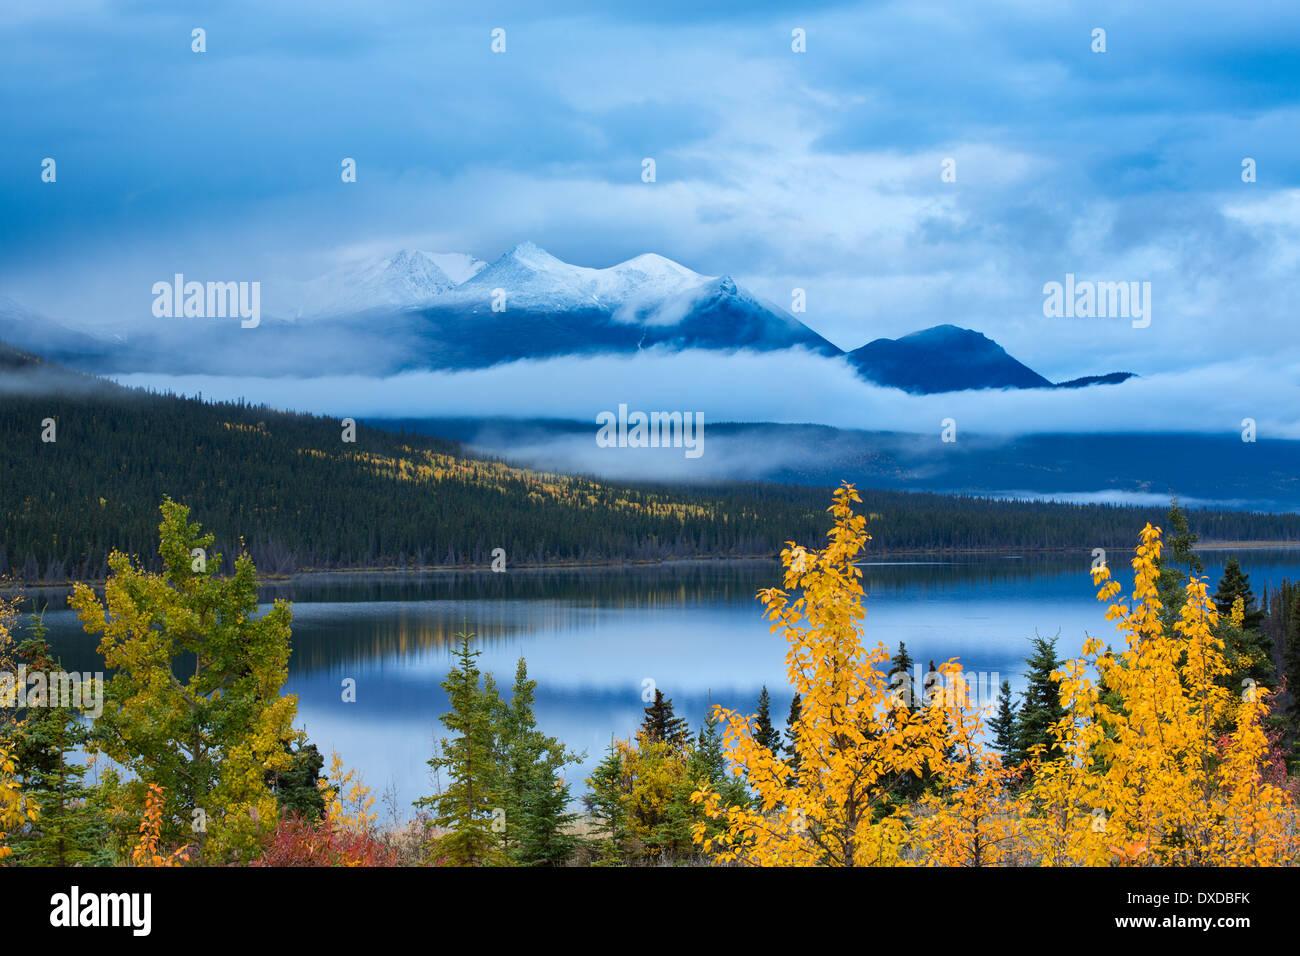 Couleurs d'automne au lac Nares, avec au-delà de Montana Mountain, près de Carcross, au Yukon, Canada Photo Stock